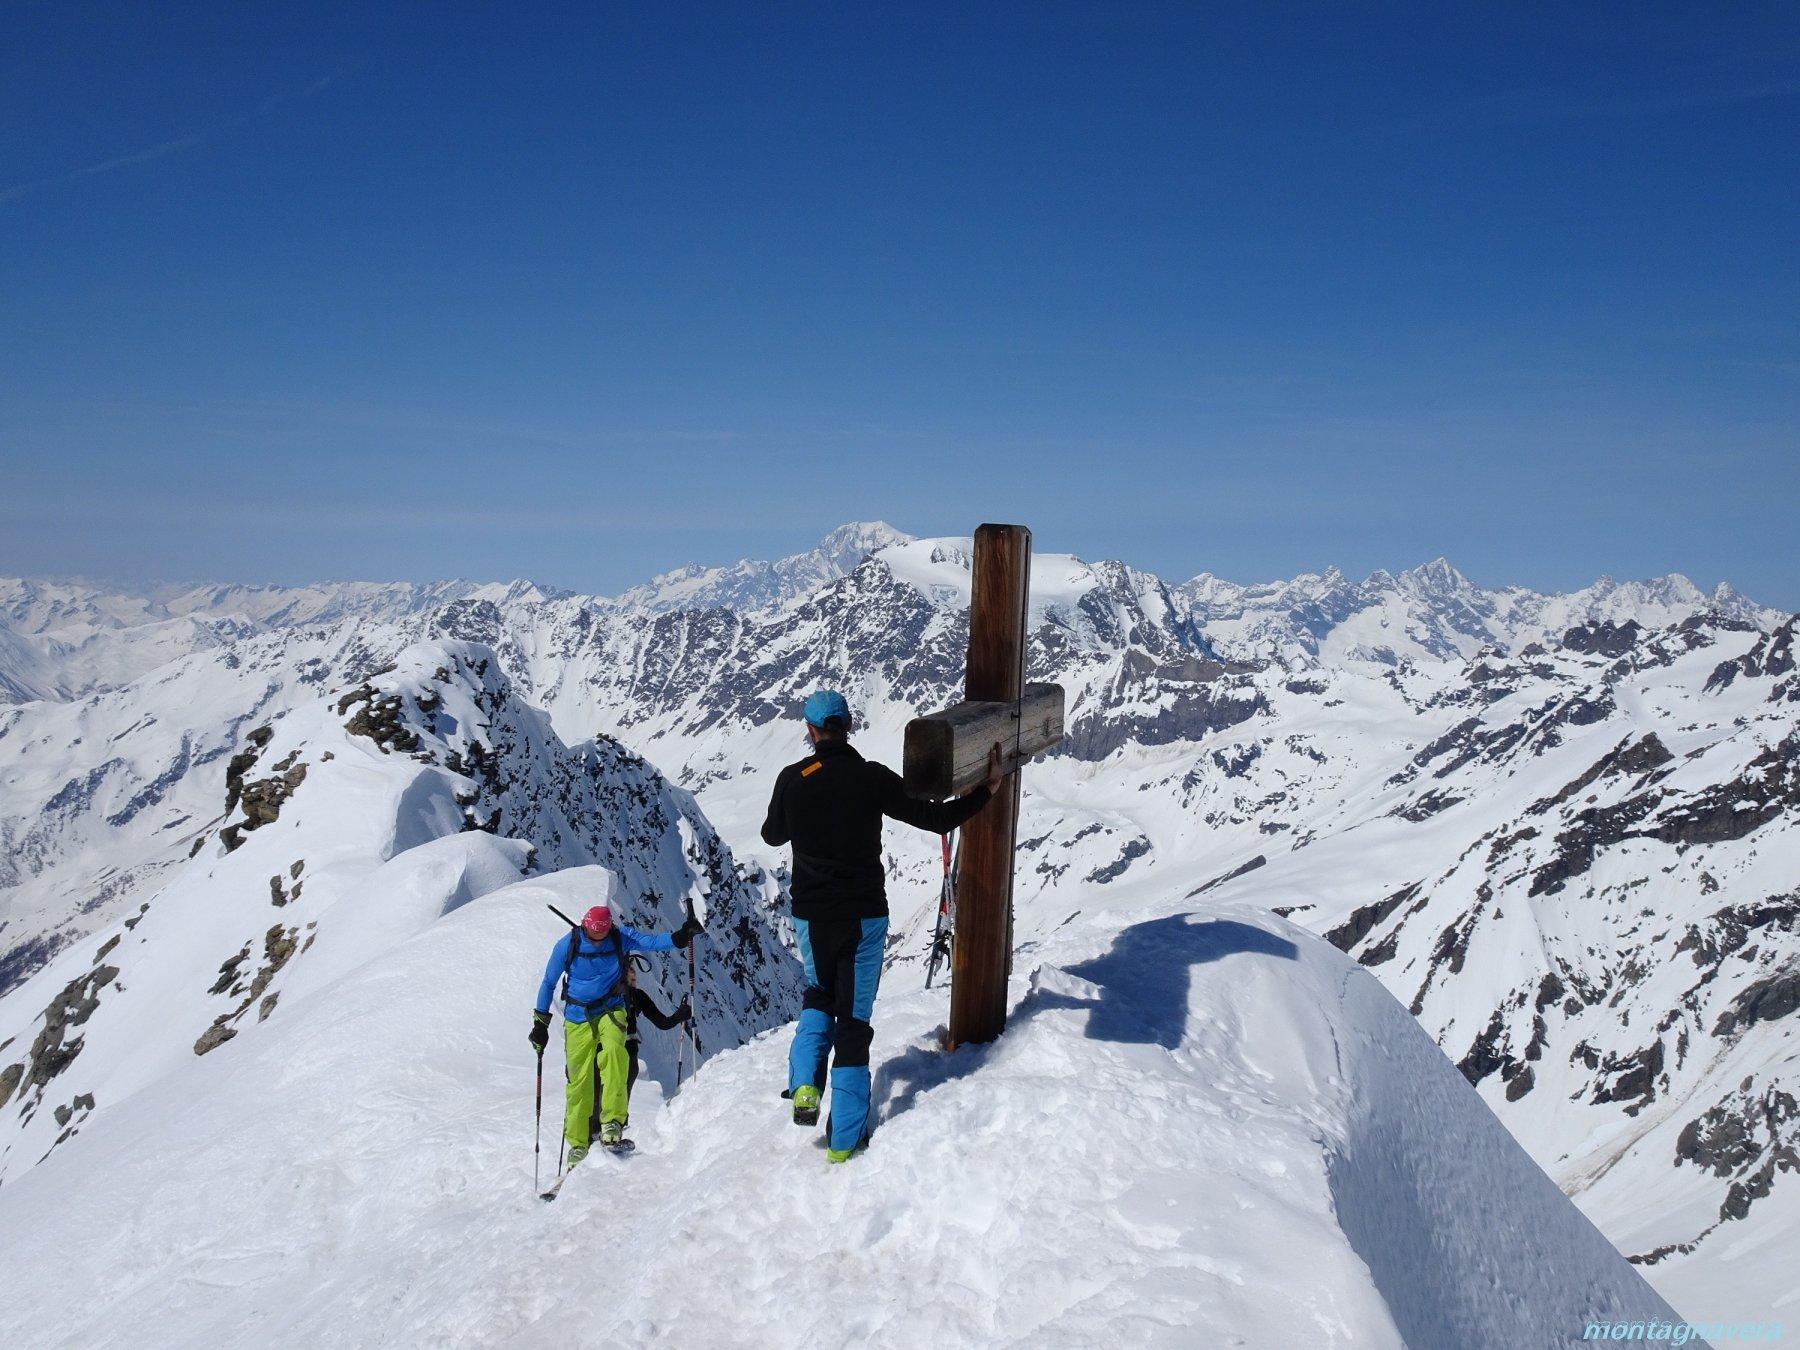 arrivo in vetta sullo sfondo il Monte Bianco